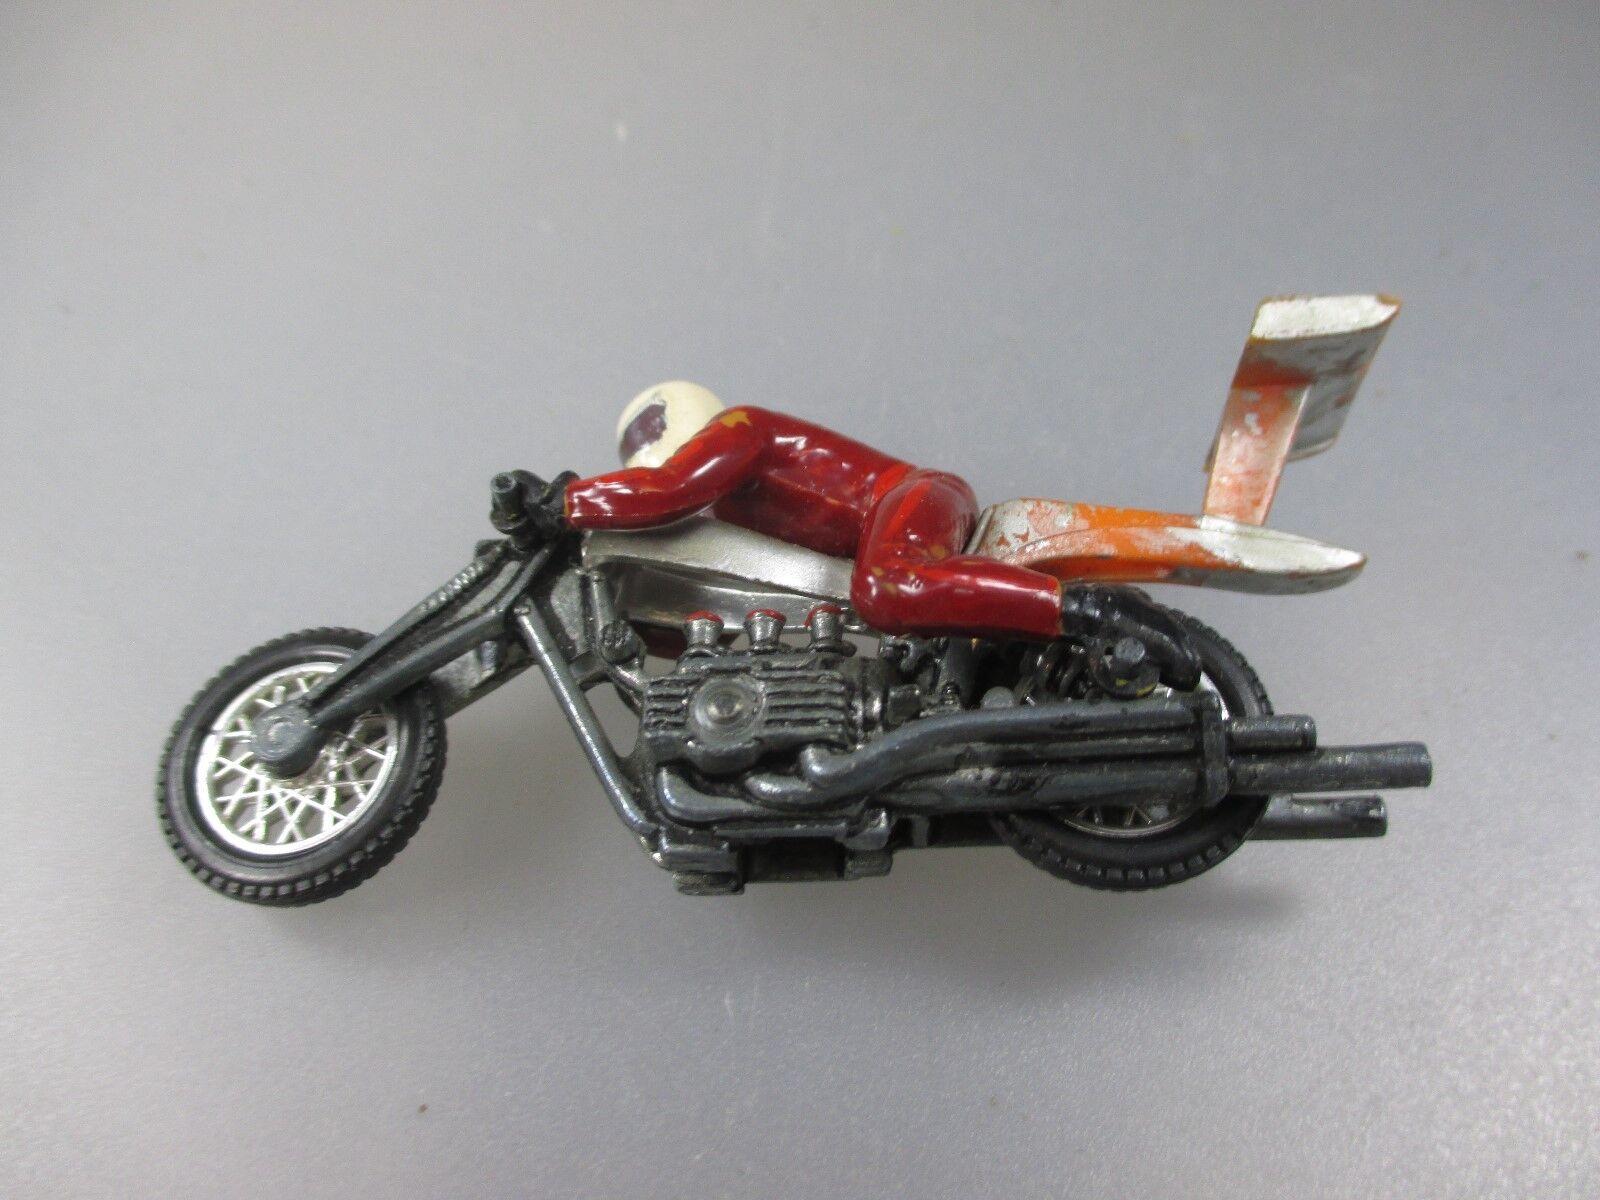 Mattel rrrumblers Hong Kong Motorrad  Schopper  Motorcycle Motorbike,rar Motorbike,rar Motorbike,rar (Holz8) dc4957